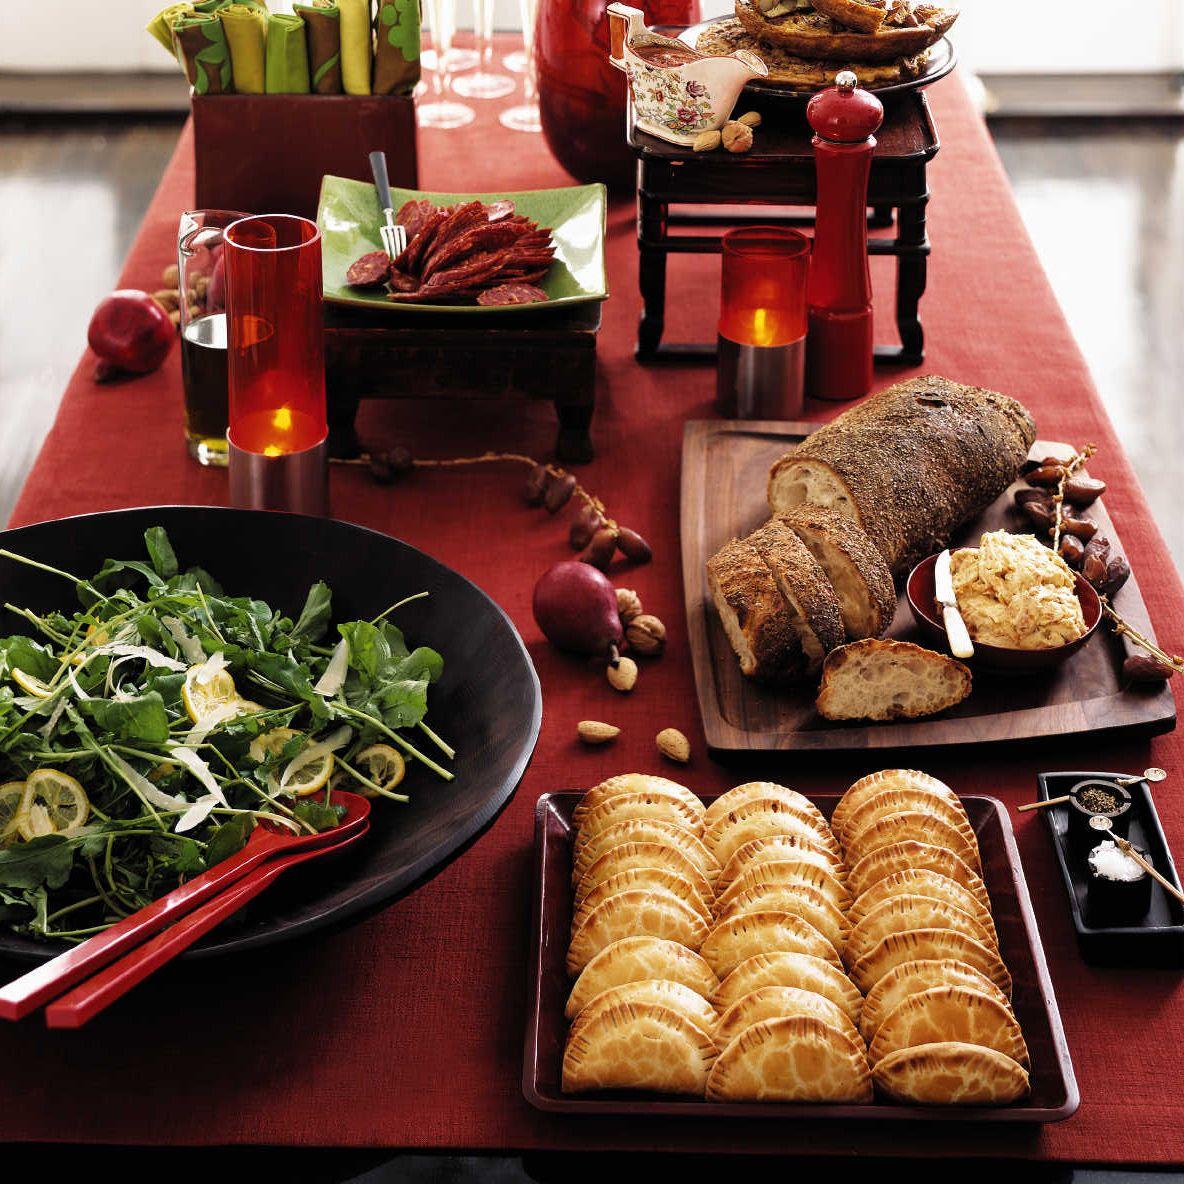 Lemon And Arugula Salad With Parmesan Cheese Food Wine Arugula Salad Lemon Salad Recipes With Parmesan Cheese